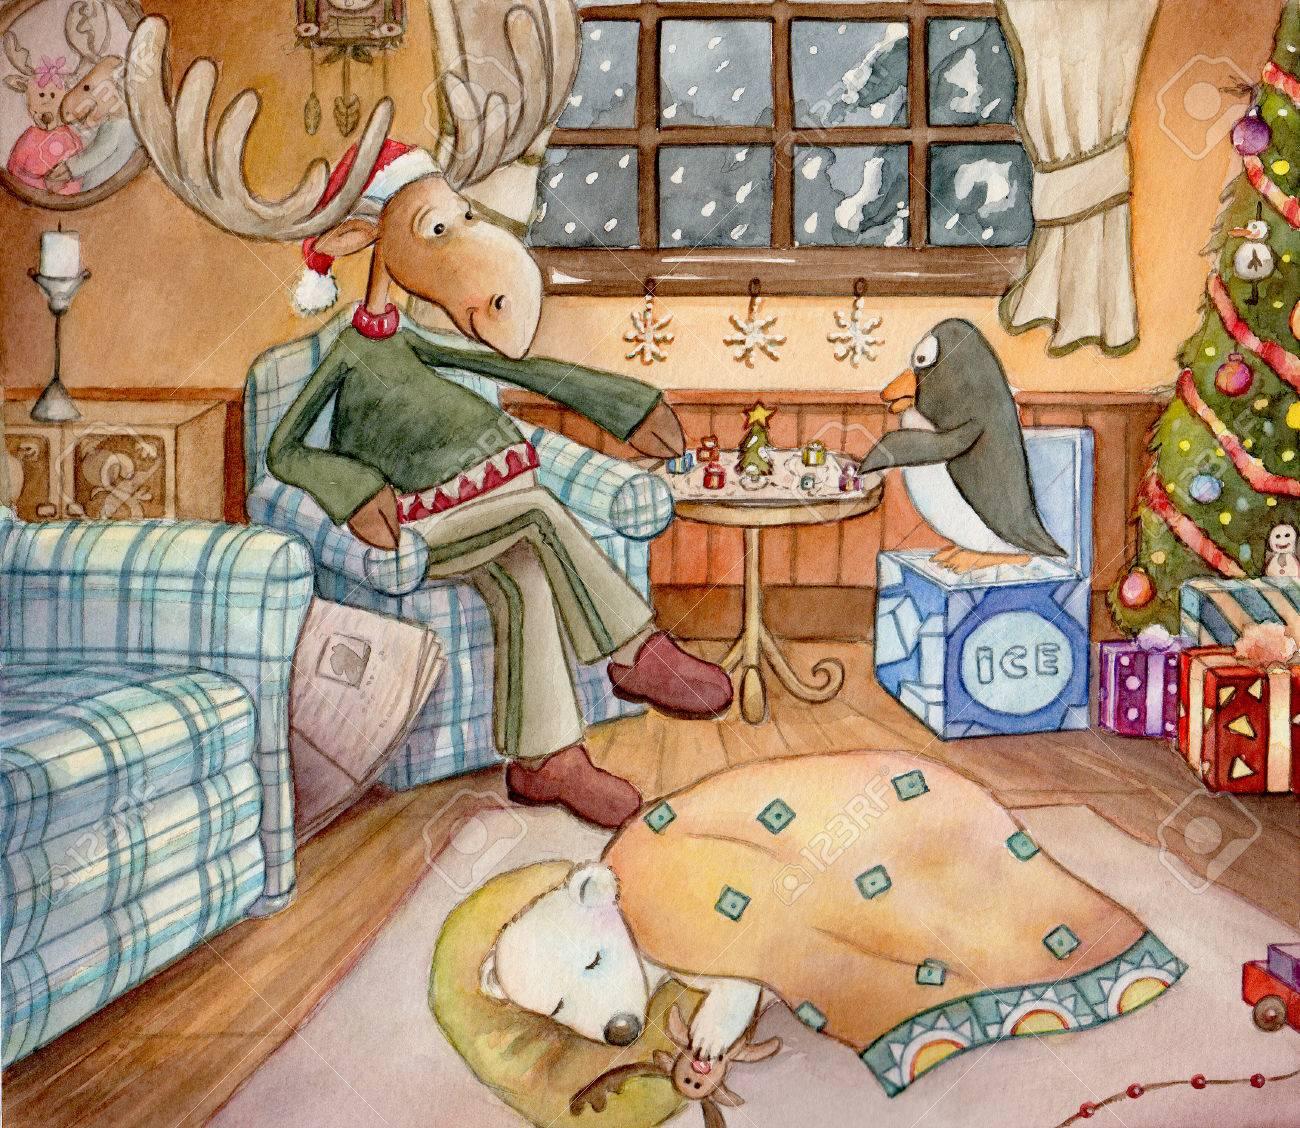 Gezellige Kerst Gedetailleerde Aquarel Kunst Van Een Eland